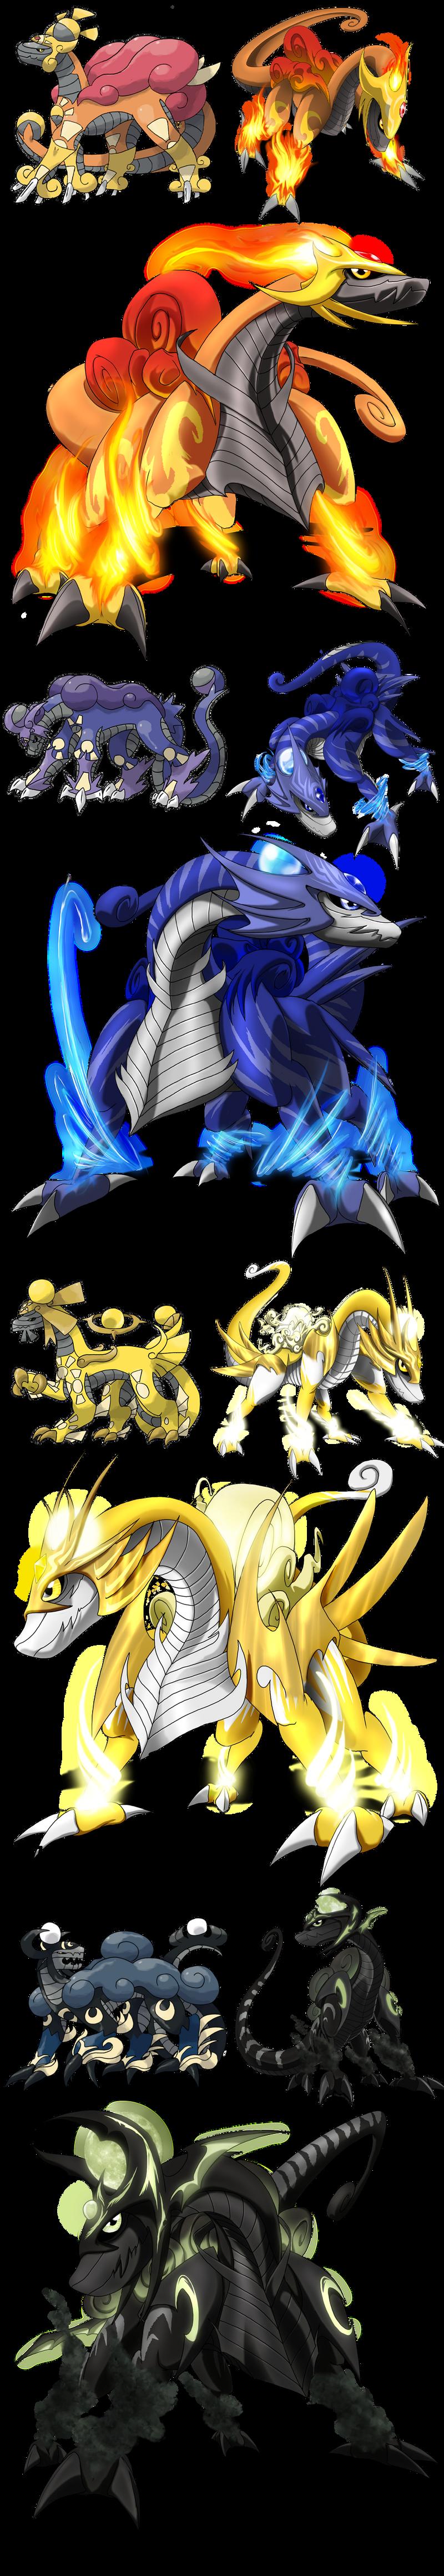 [Image: mega_legendarydragons___monster_mmorpg_n...8g9n9e.png]